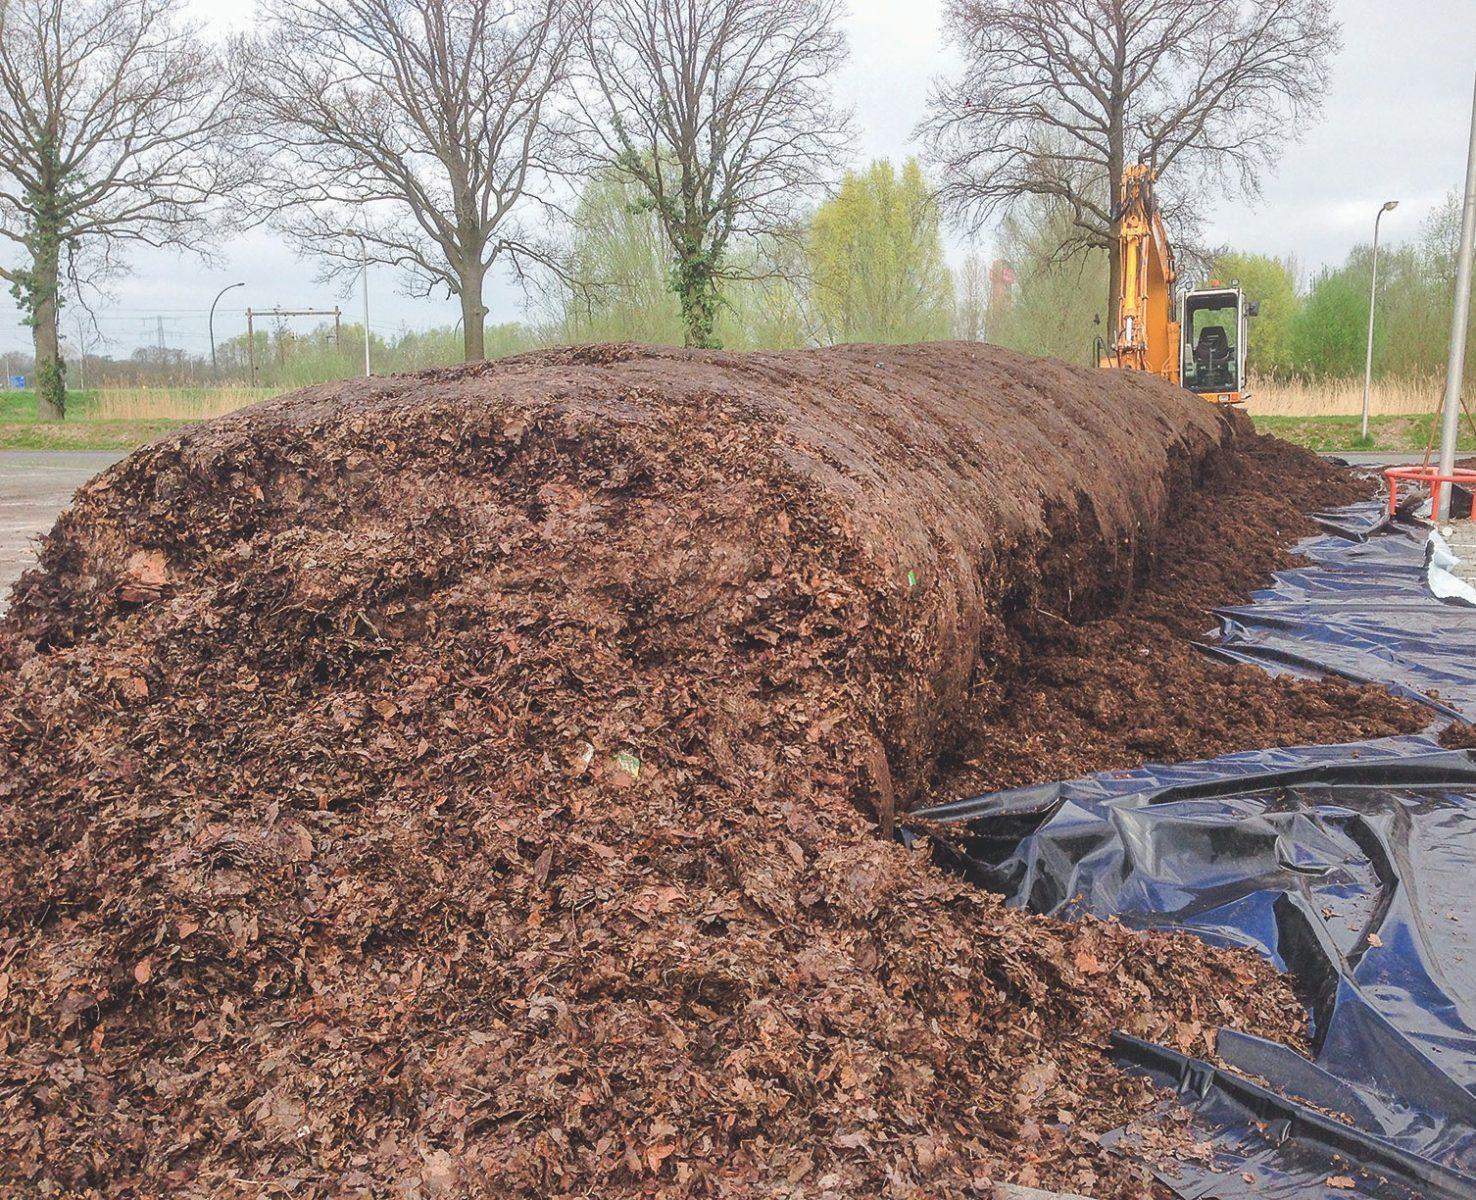 In Hengelo wird das fermentierte Material im Frühjahr in Parks, Gärten und auf anderen kommunalen Flächen ausgebracht.